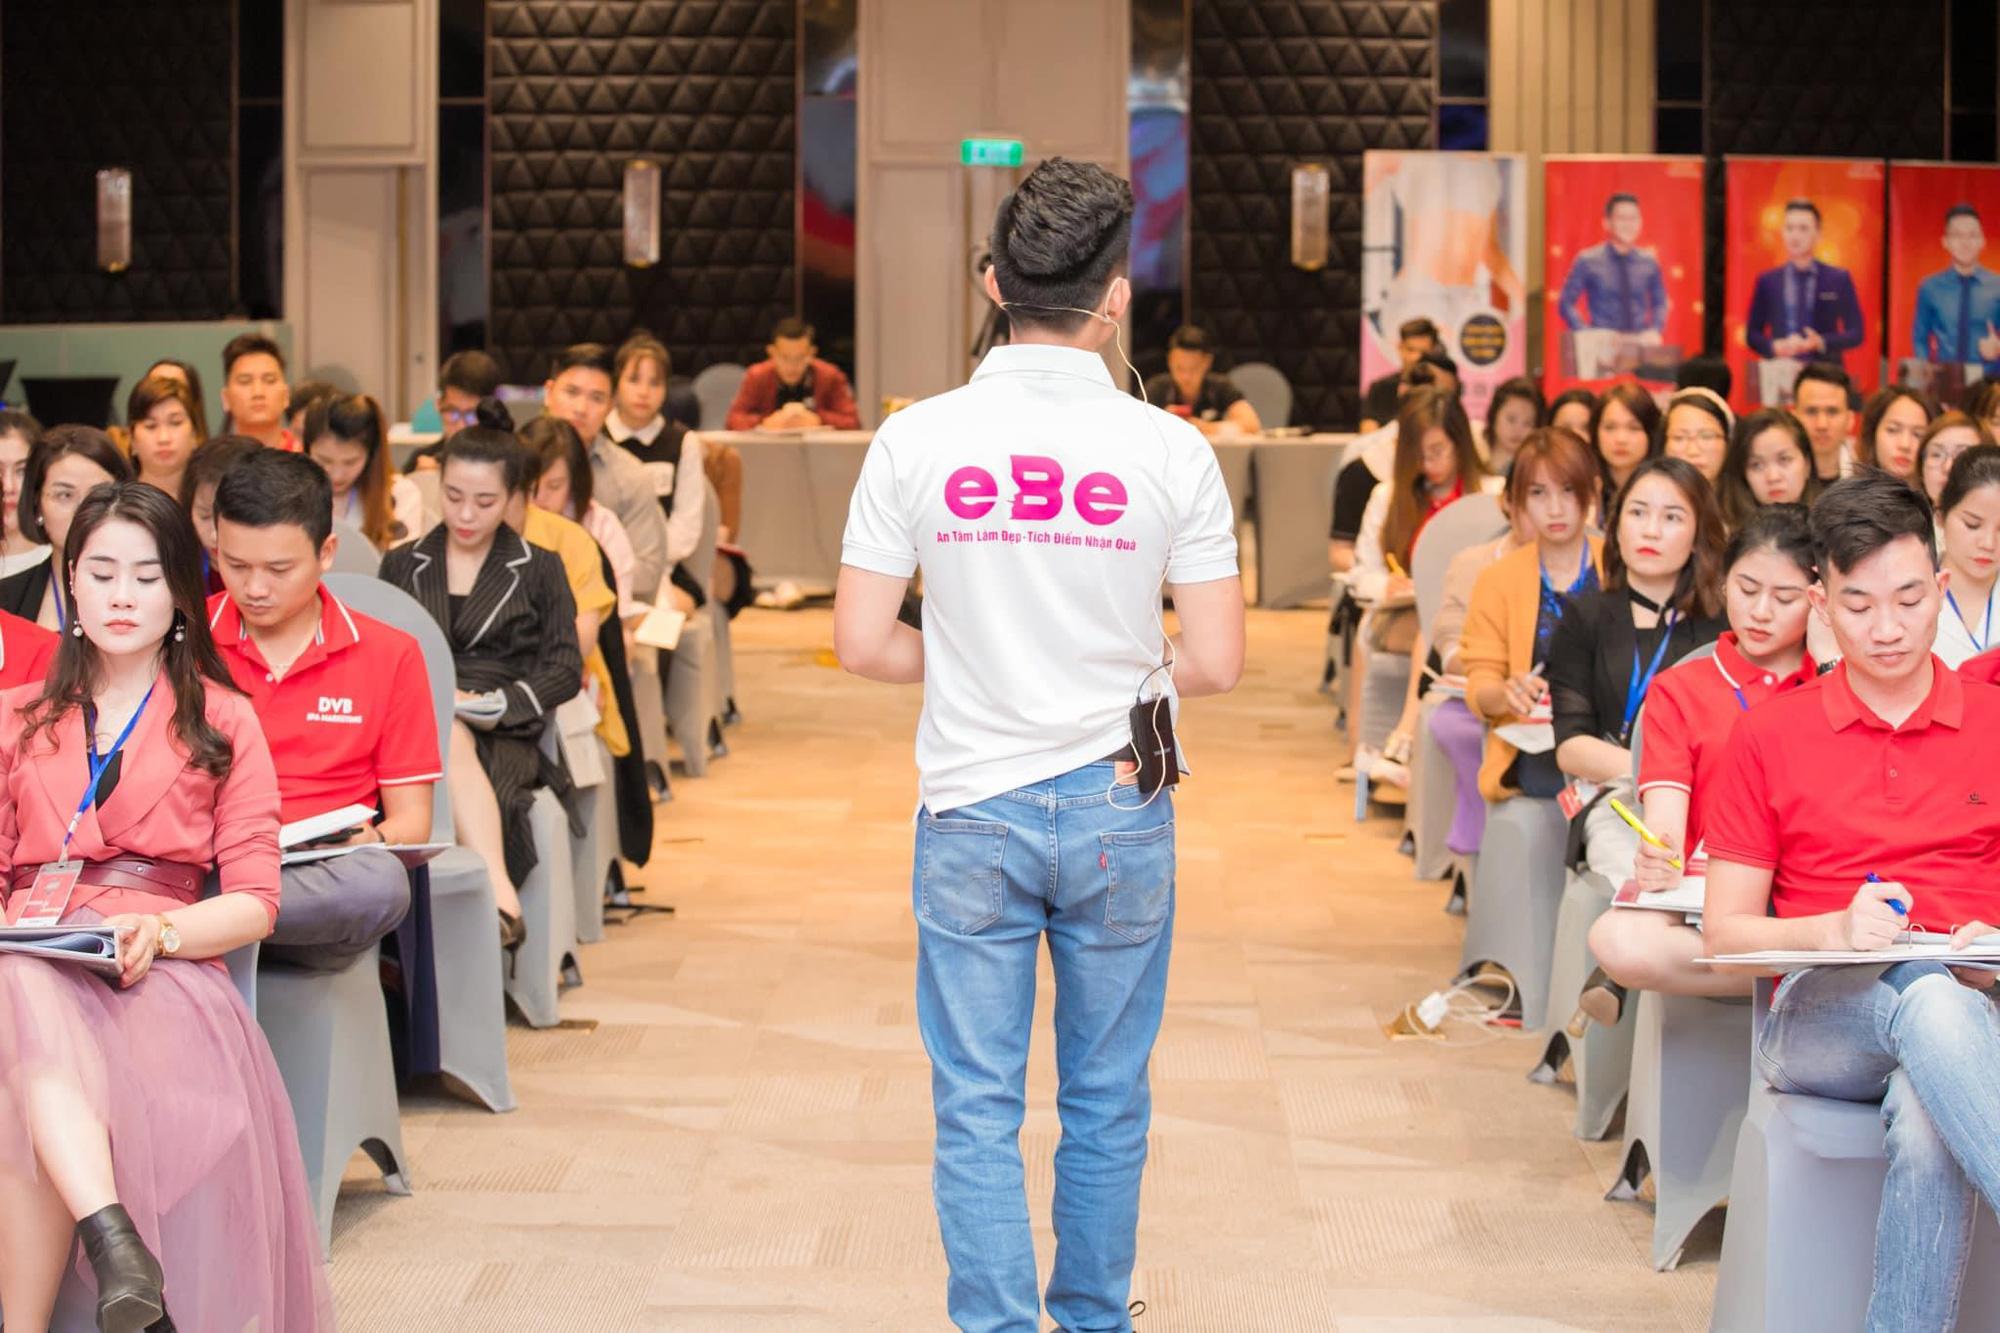 Nền tảng eBe của 2 nhà sáng lập 9x đem đến cơ hội đột phá cho ngành làm đẹp - Ảnh 3.